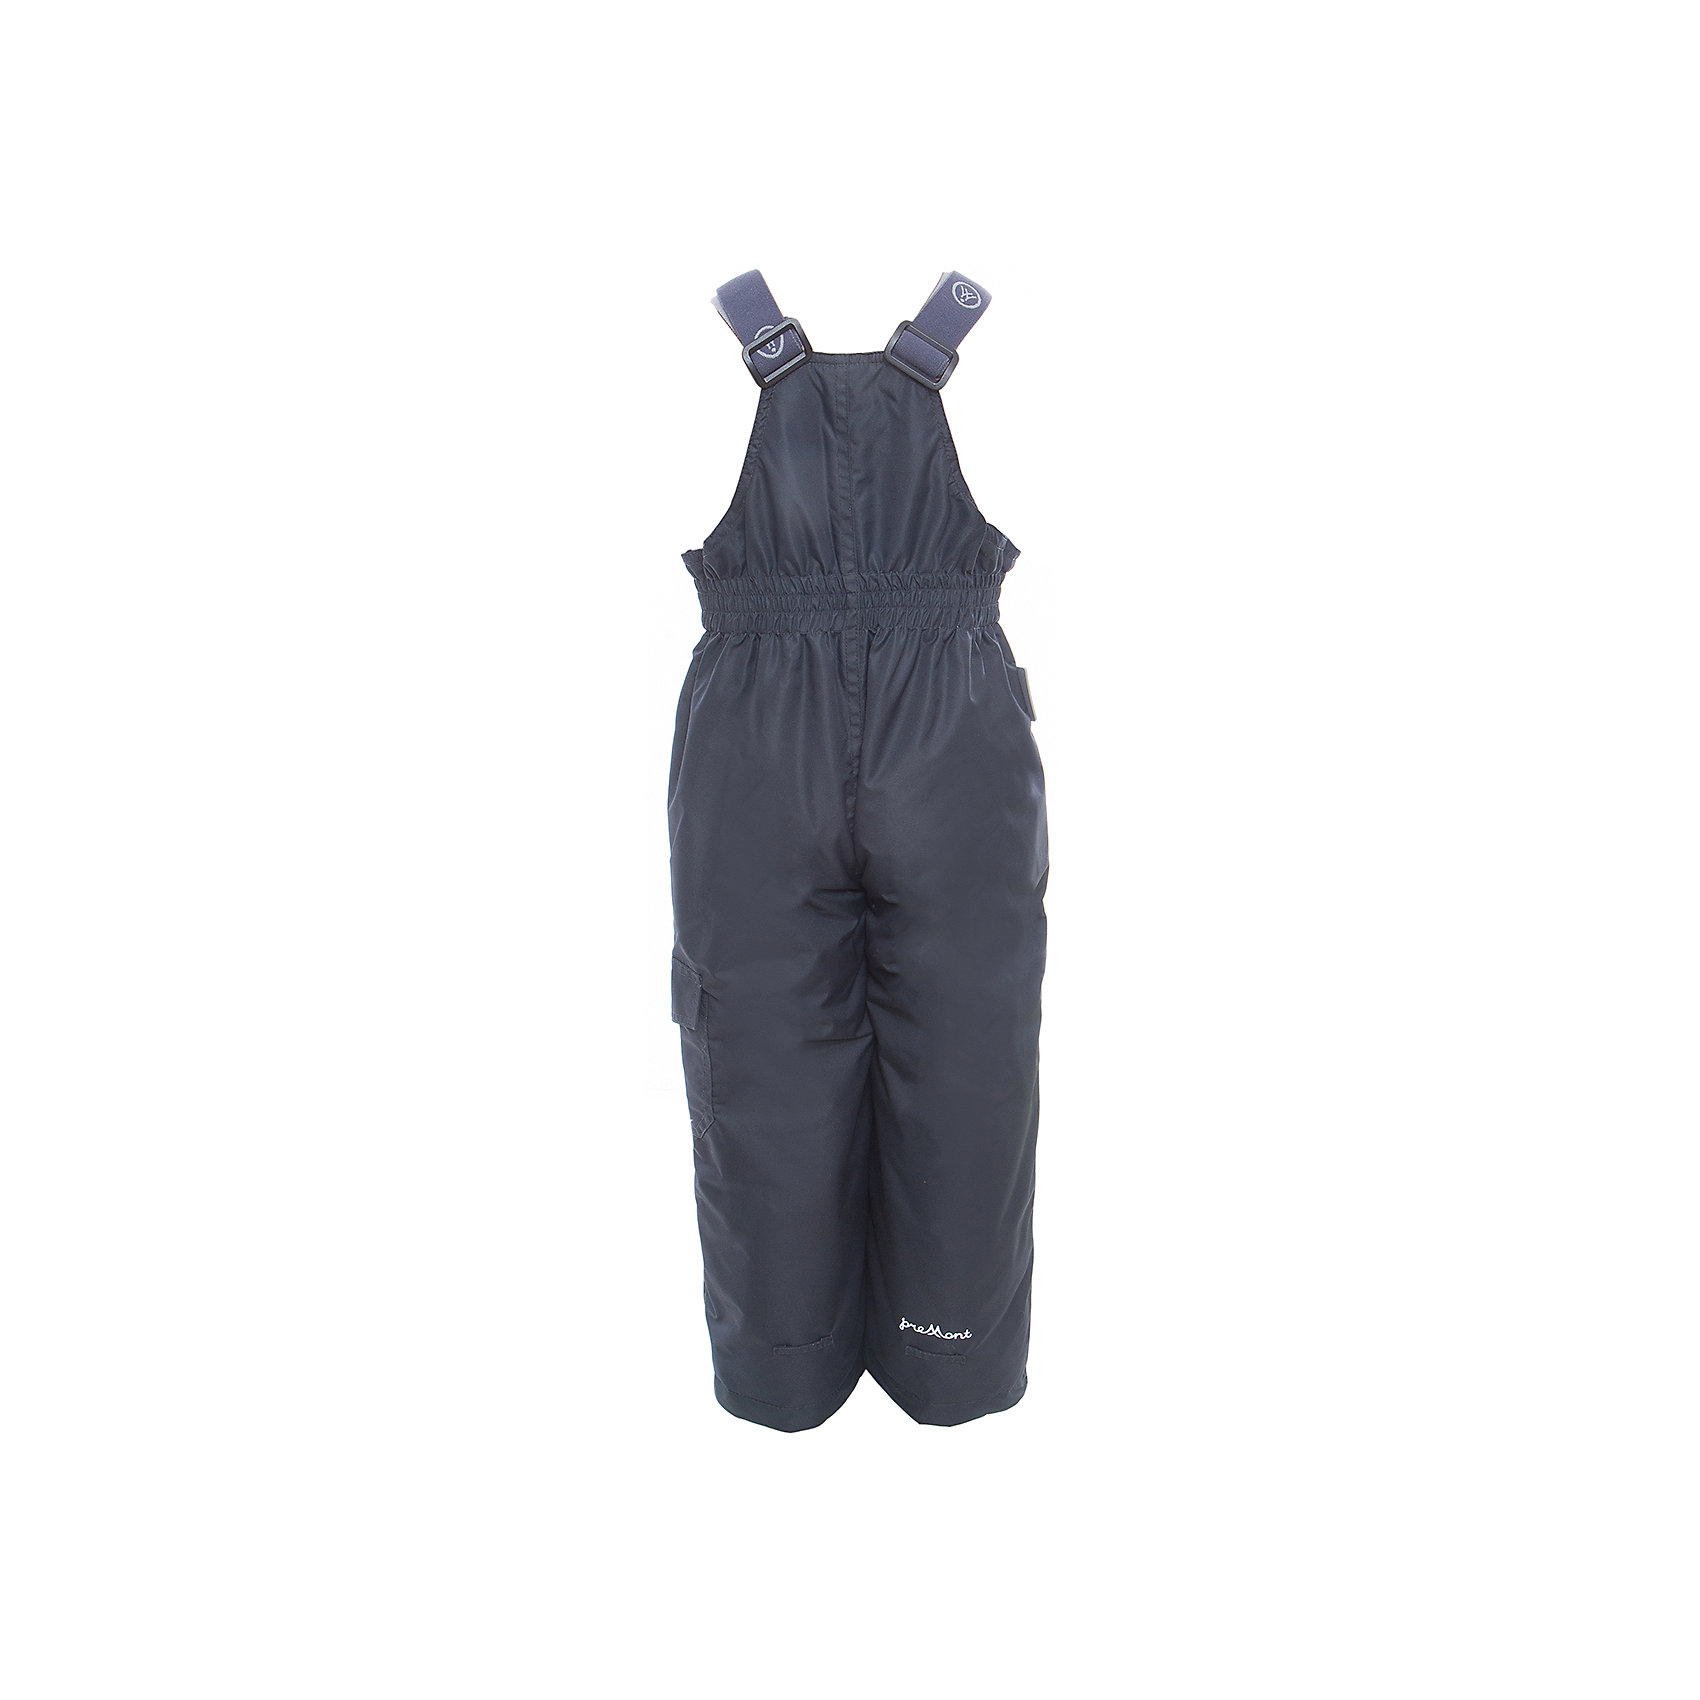 Комплект: куртка и полукомбинезон для мальчика Premont от myToys